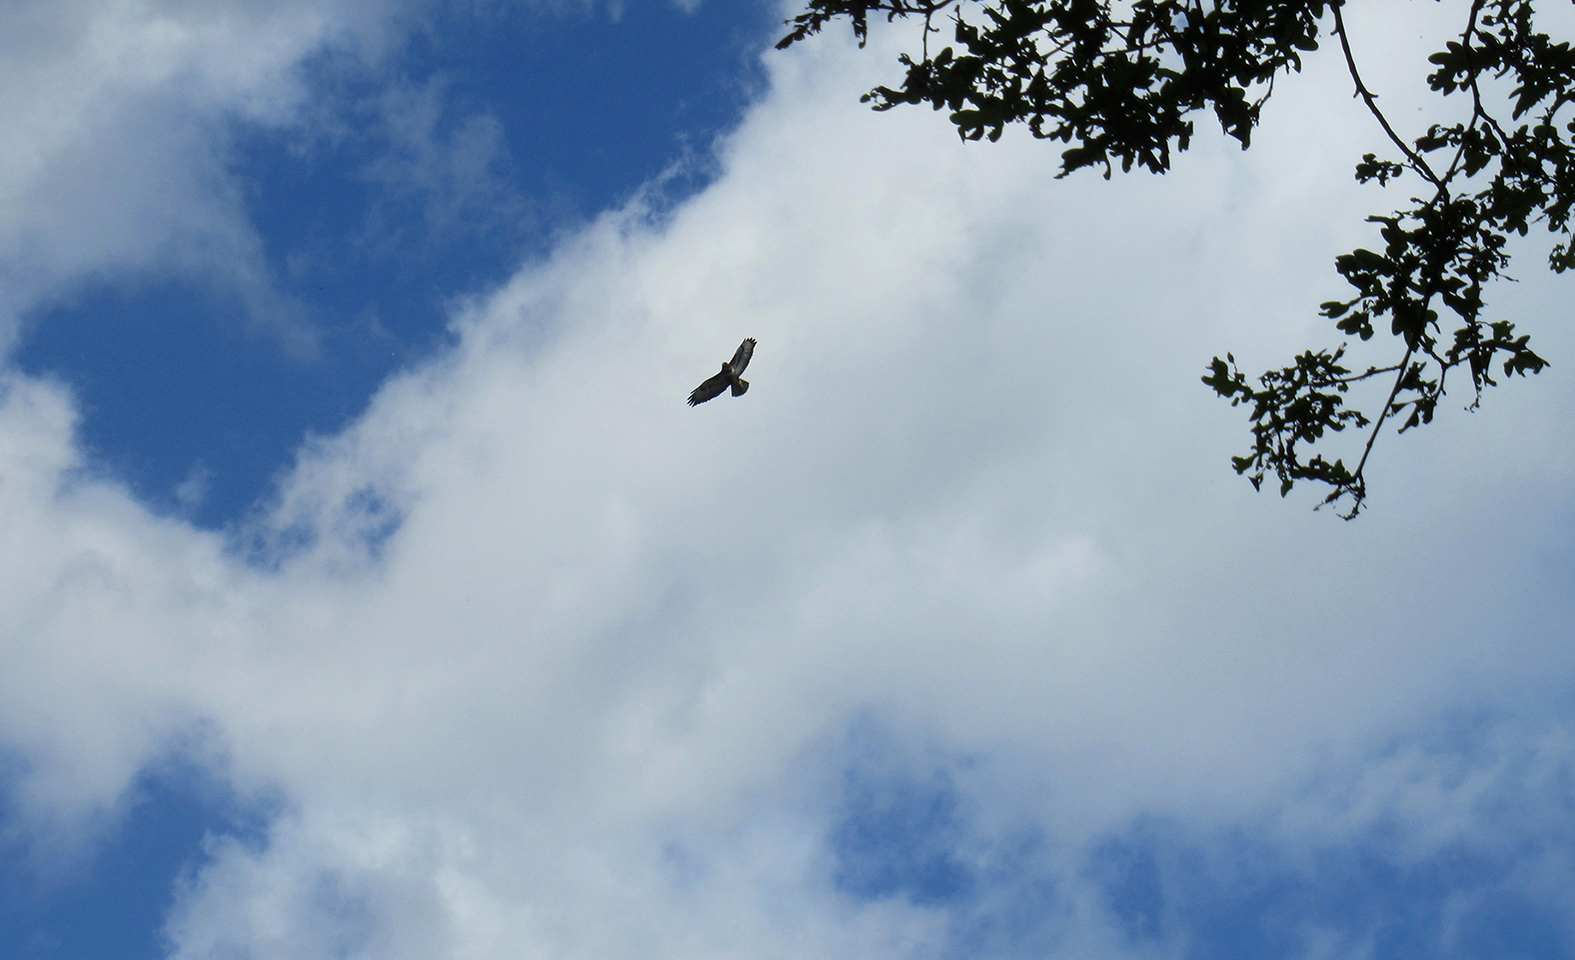 Hoog in het luchtruim boven ons cirkelt een buizerd op de thermiek - Foto: ©Fransien Fraanje